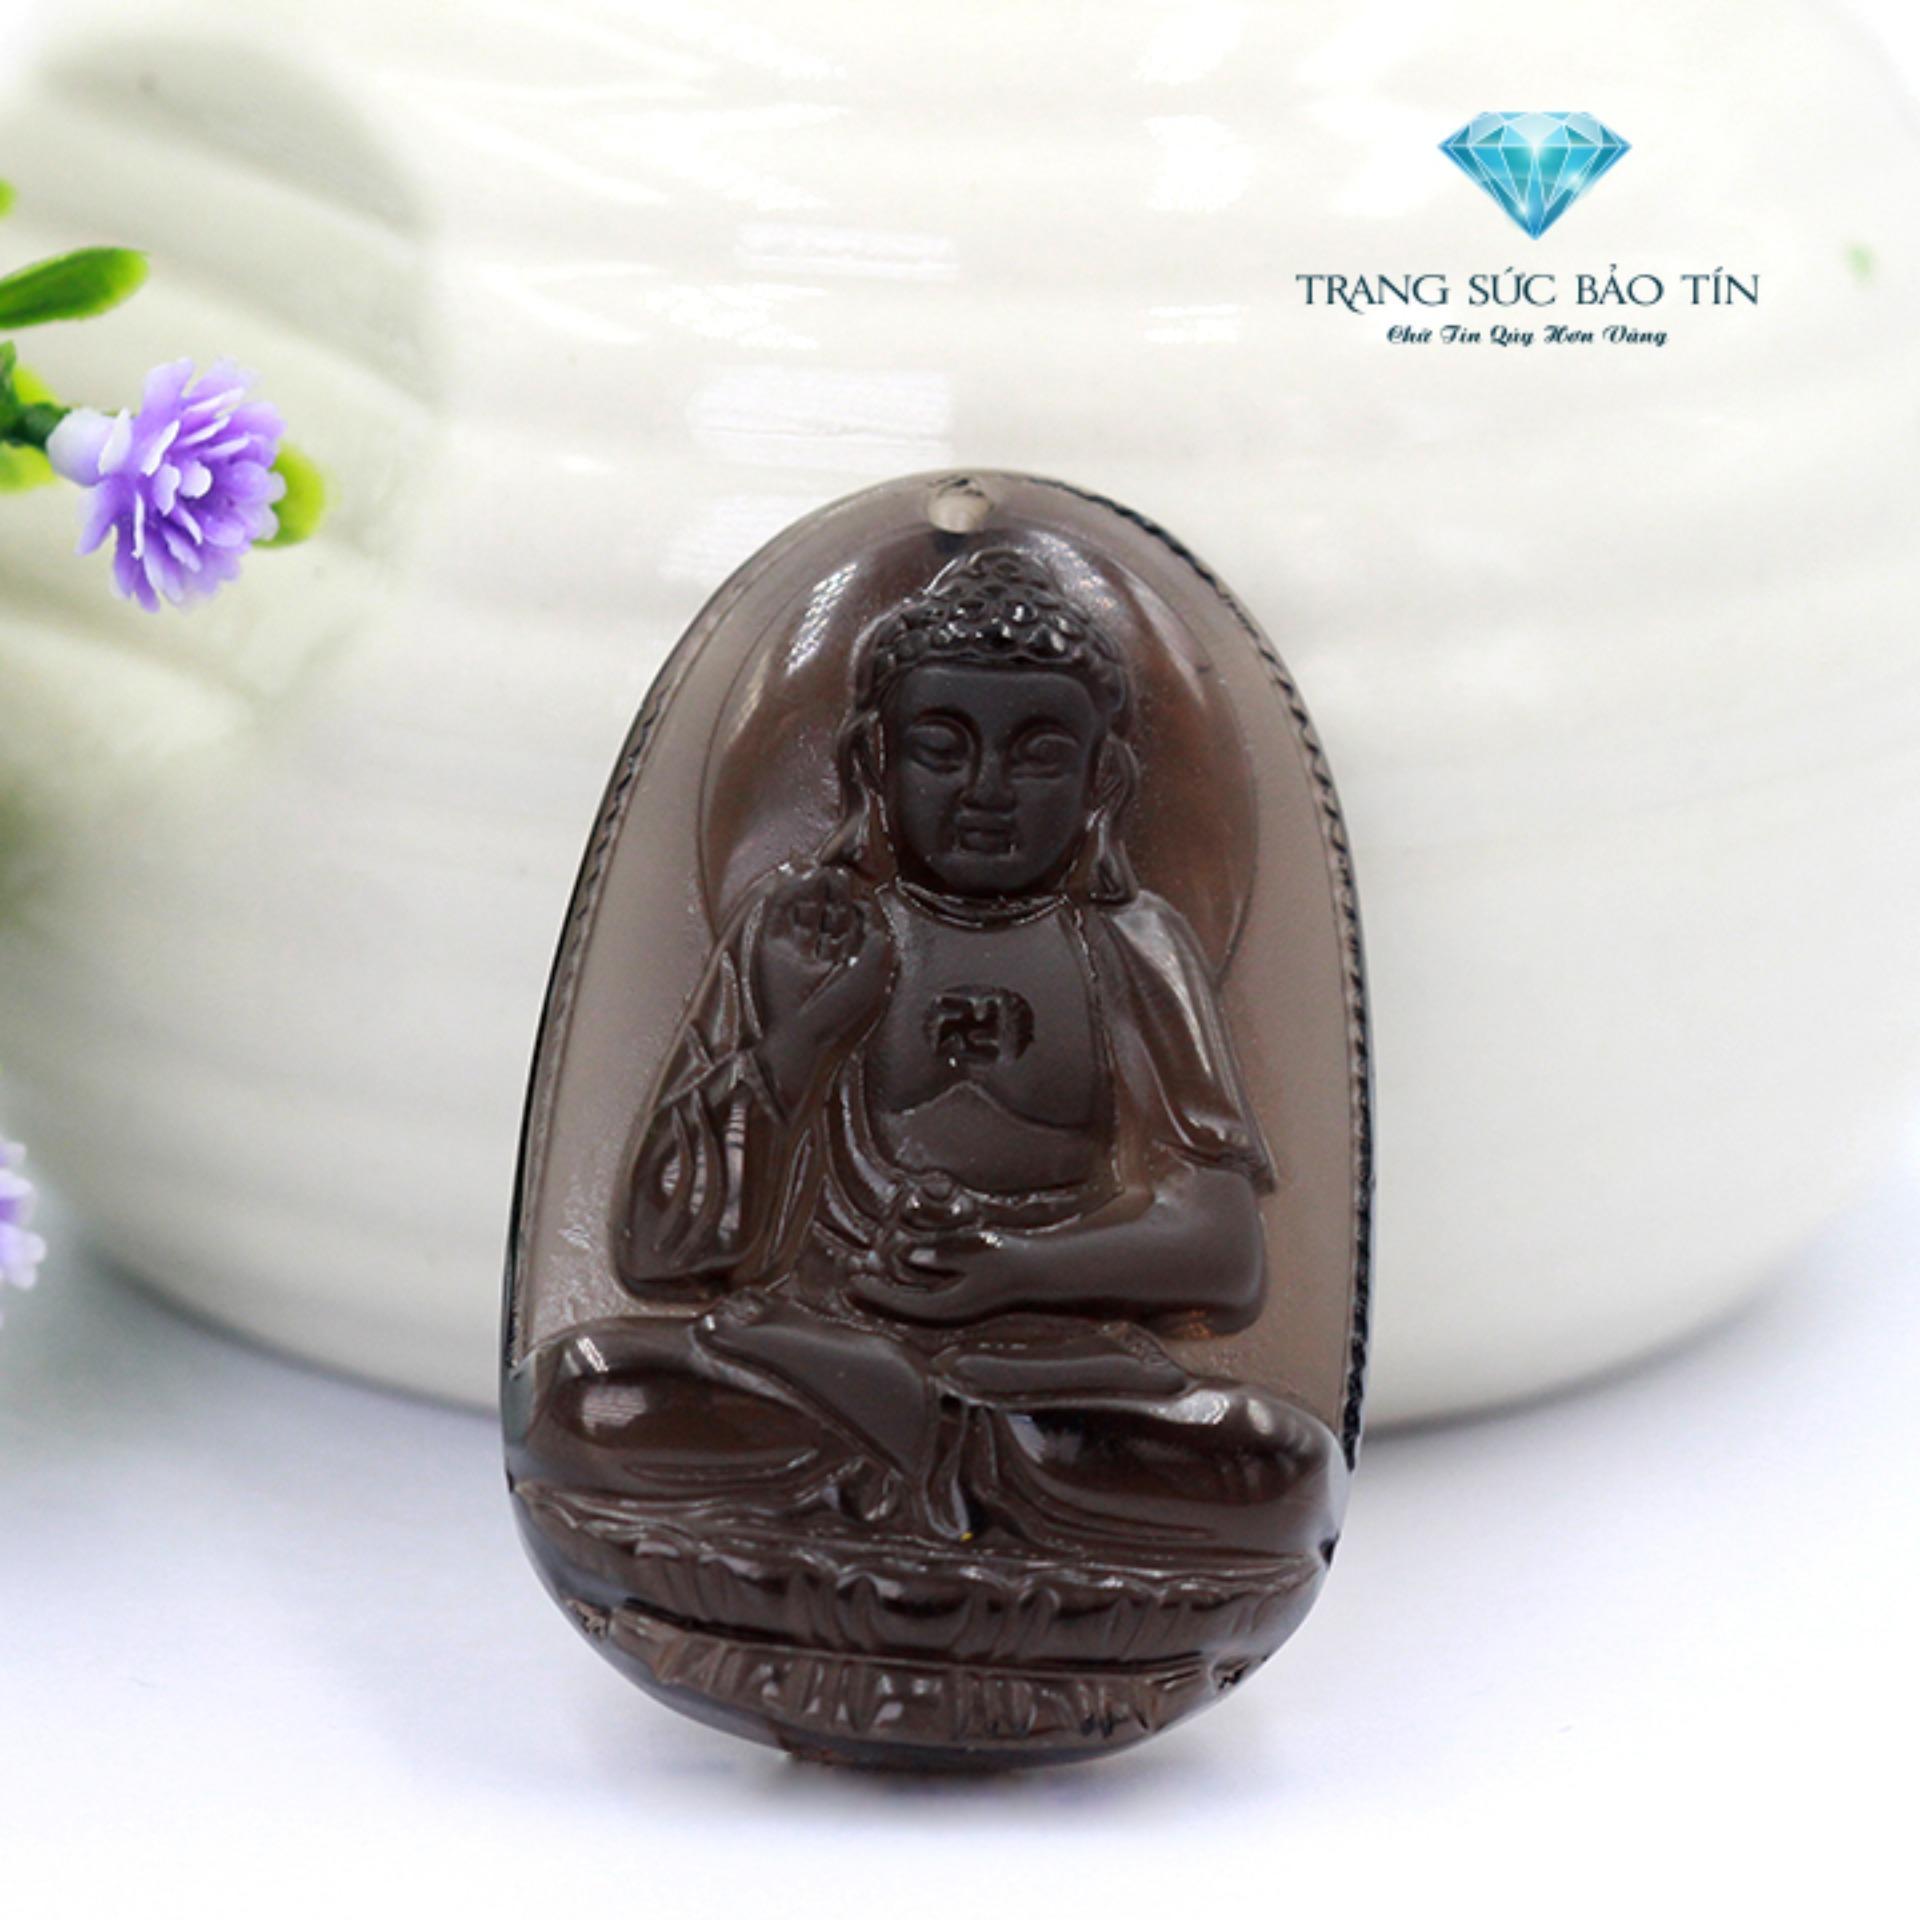 Mua Mặt Day Chuyền Phật Bản Phật A Di Đa Thạch Anh Khoi Phong Thủy Bảo Tin Trong Hà Nội